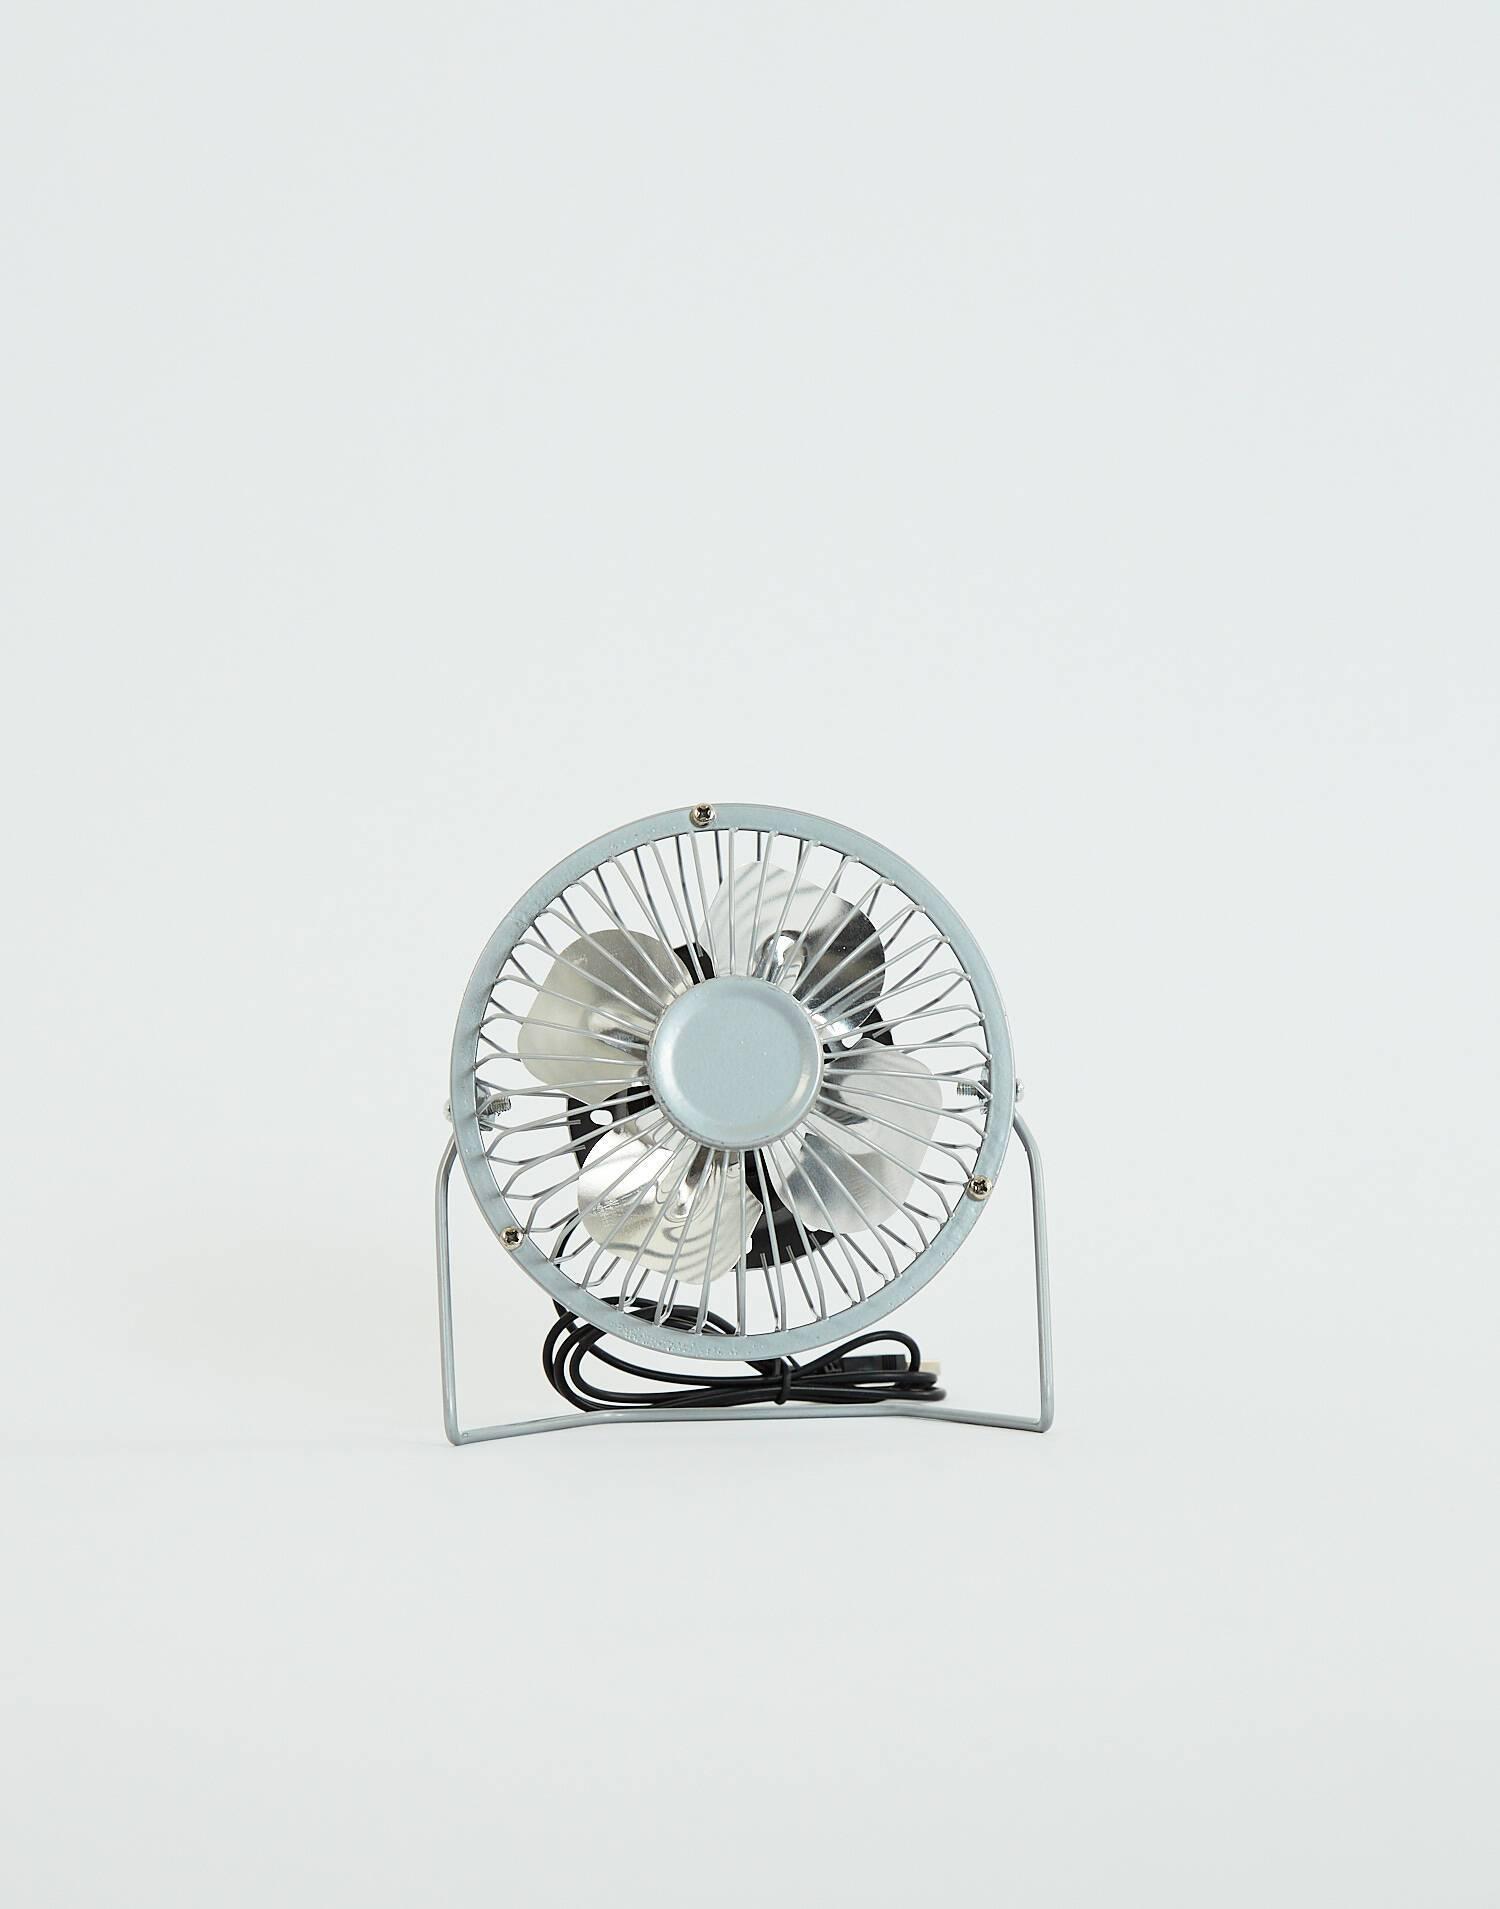 Ventilador metálico de escritorio